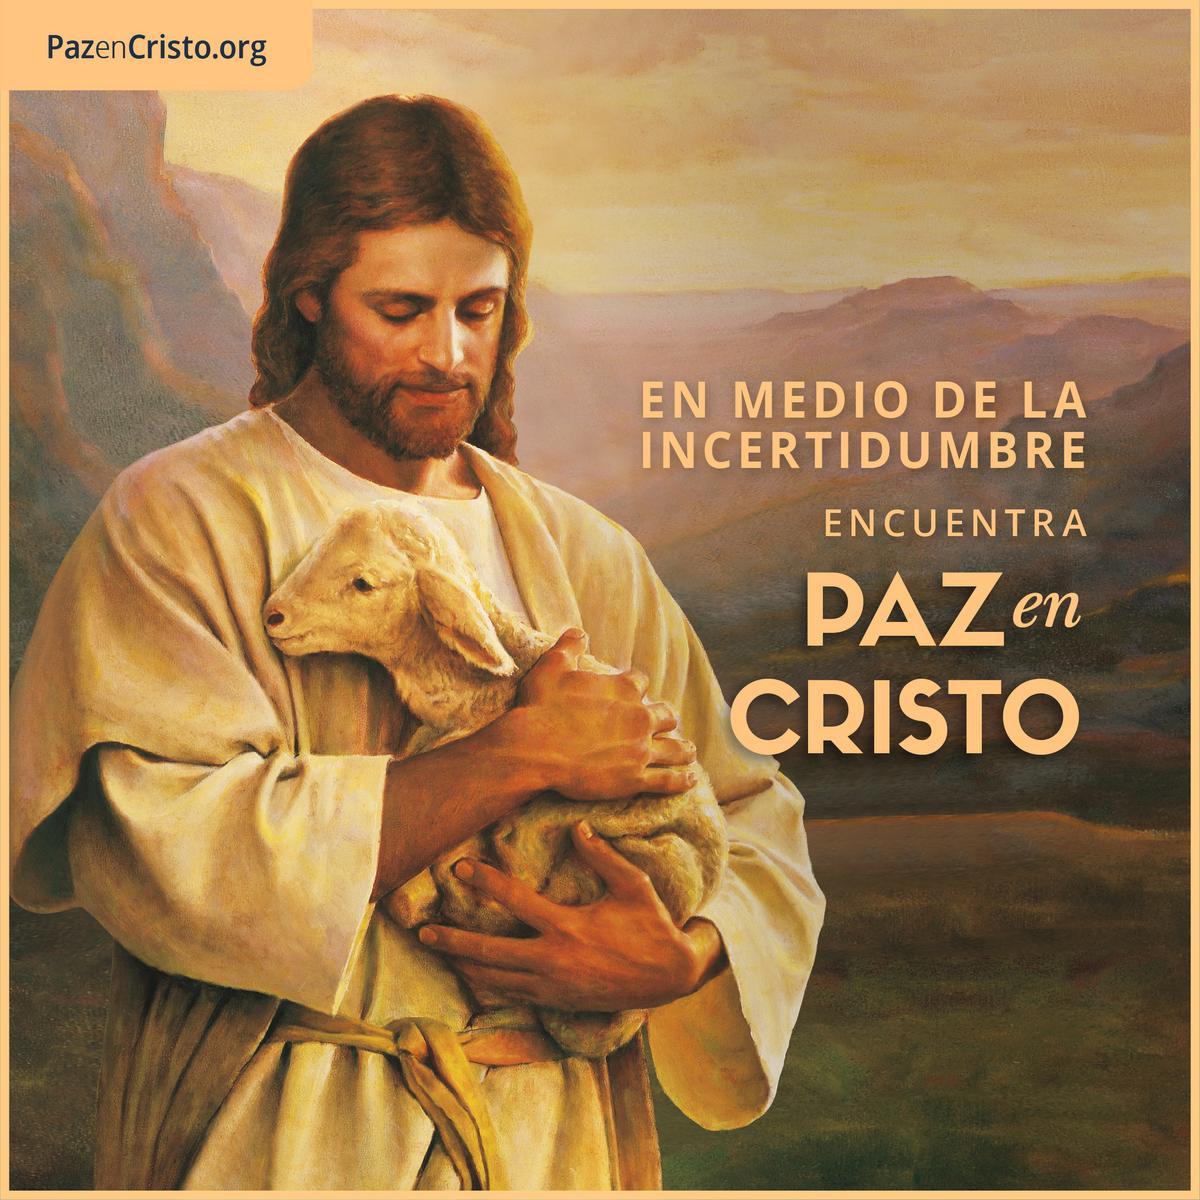 Memes Paz en Cristo